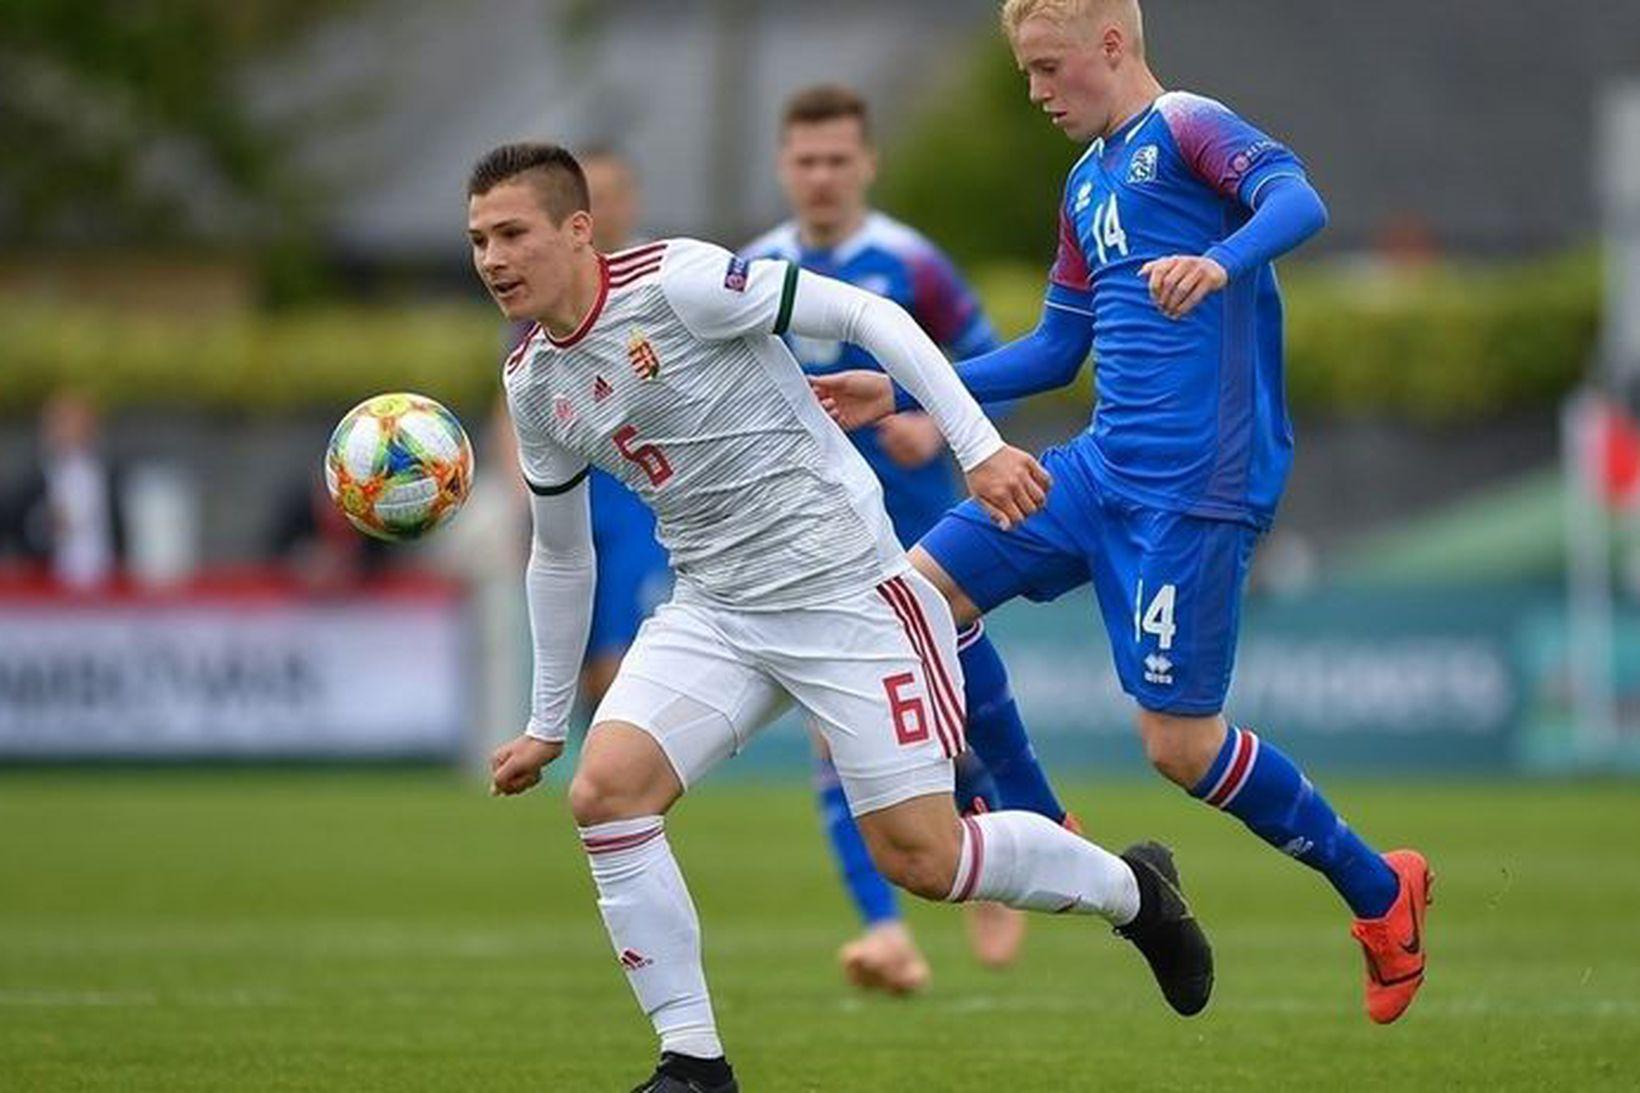 Hákon Arnar Haraldsson í leik með U17 ára landsliði Íslands.